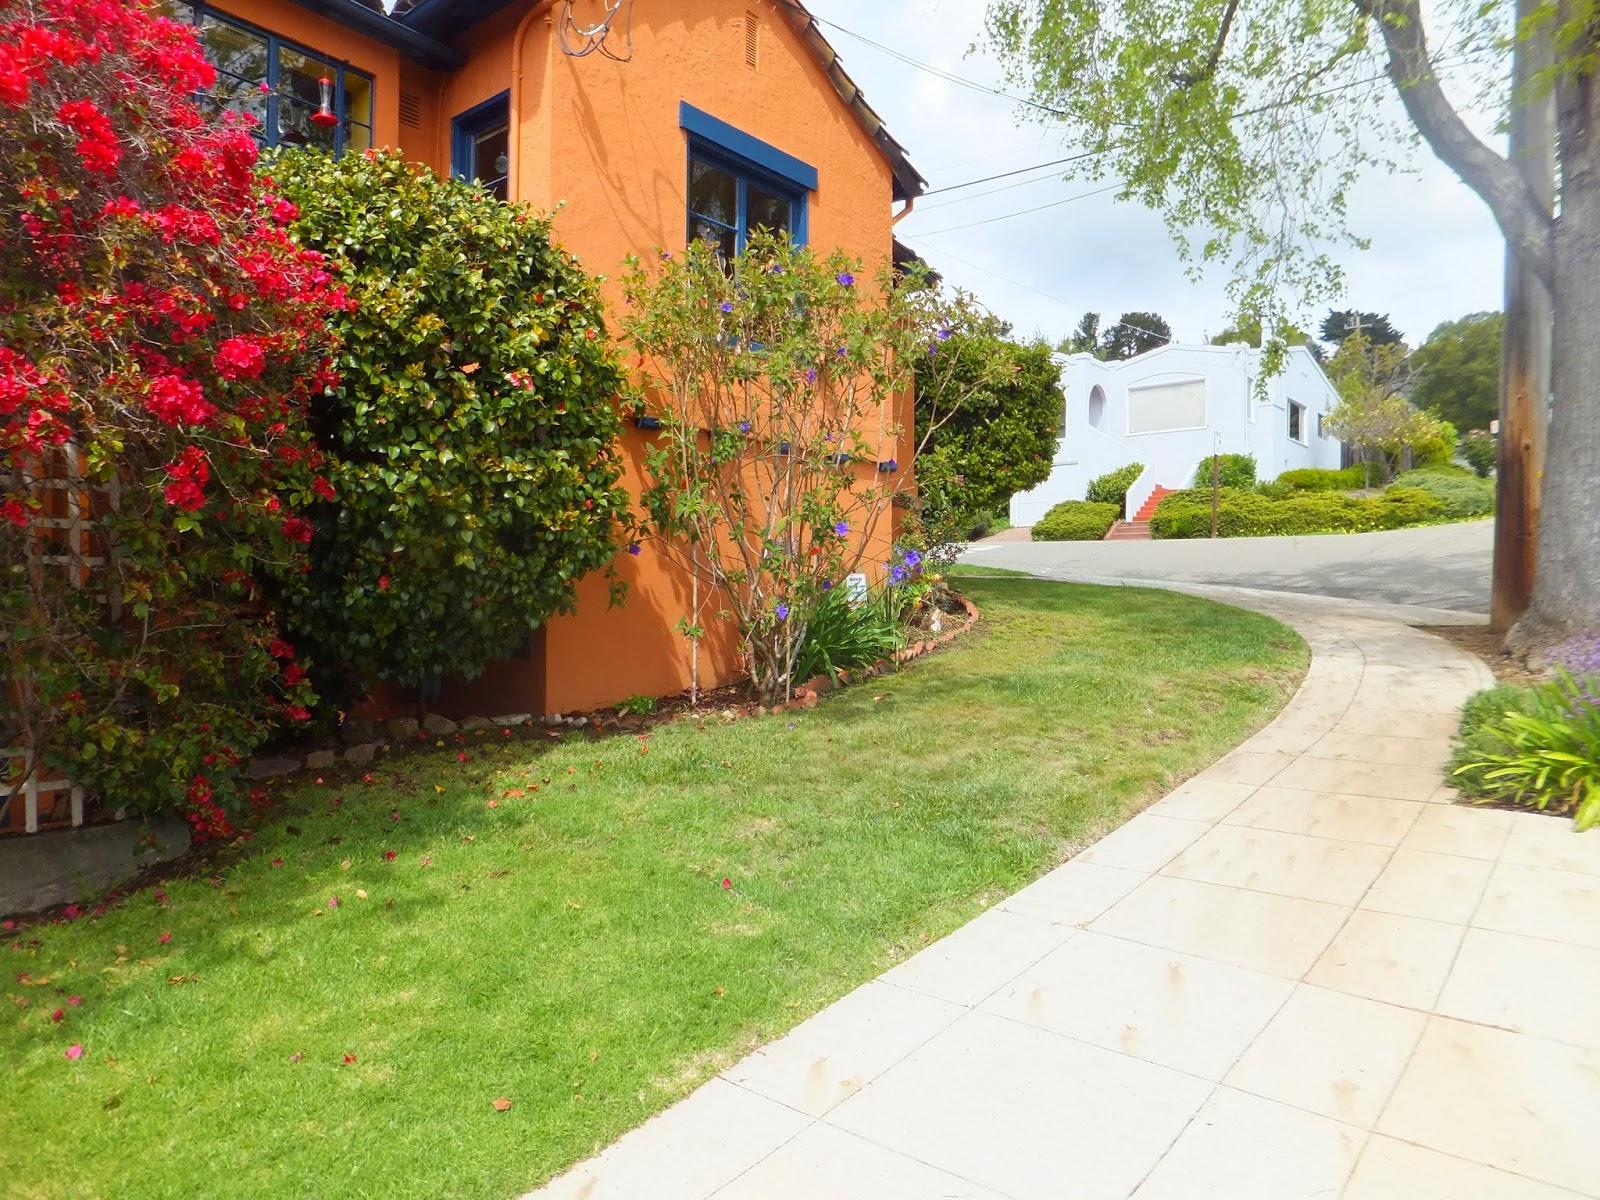 Sonia hildebrand garden design for Garden conversion